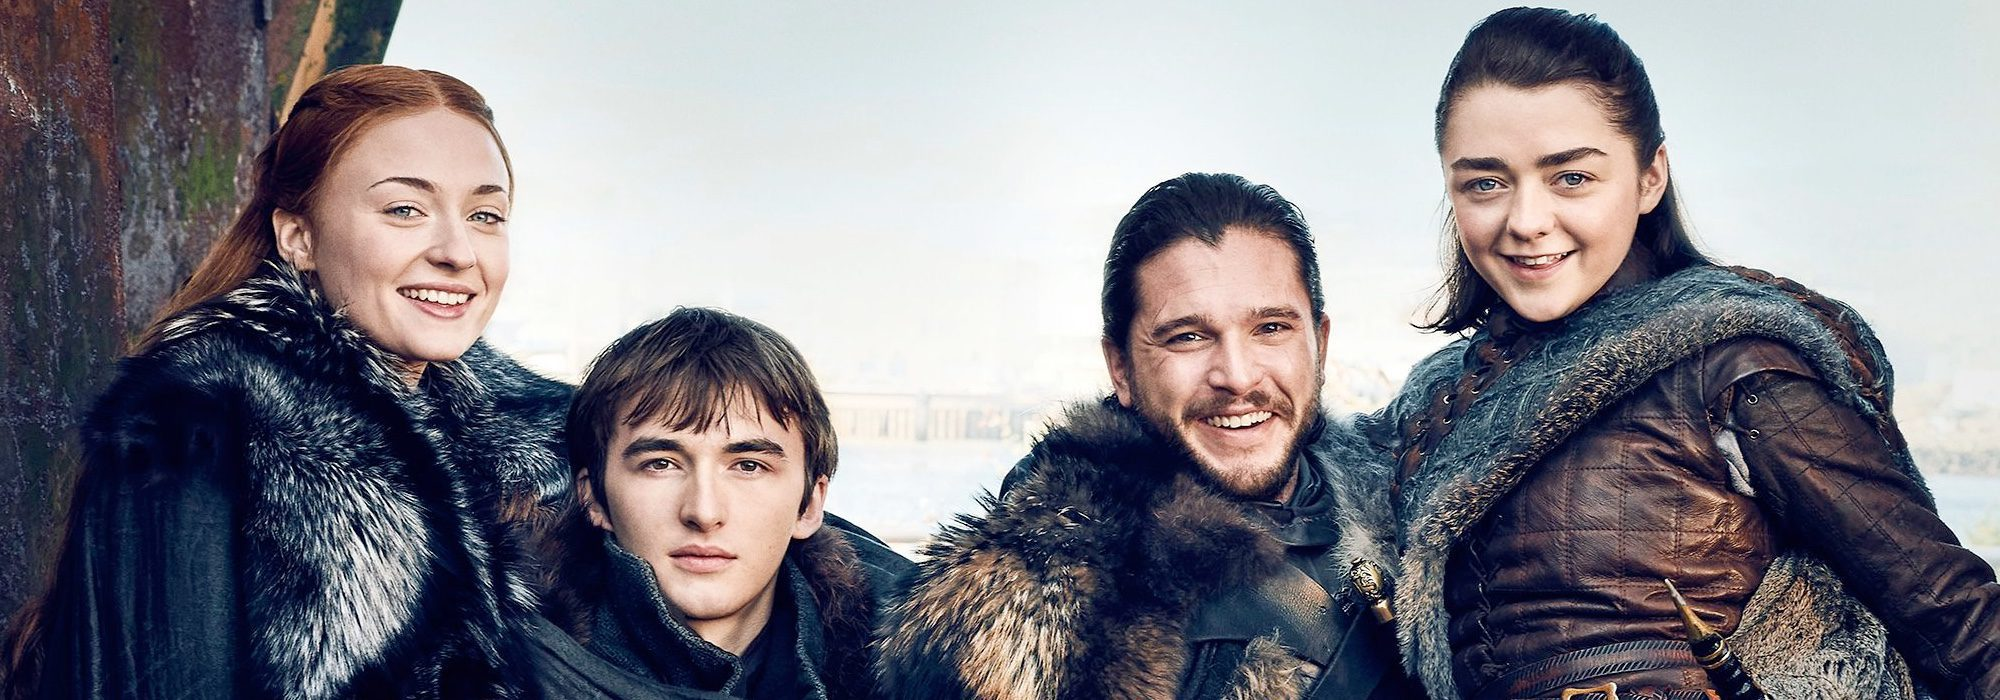 Capítulos Juego de Tronos: Todos los episodios